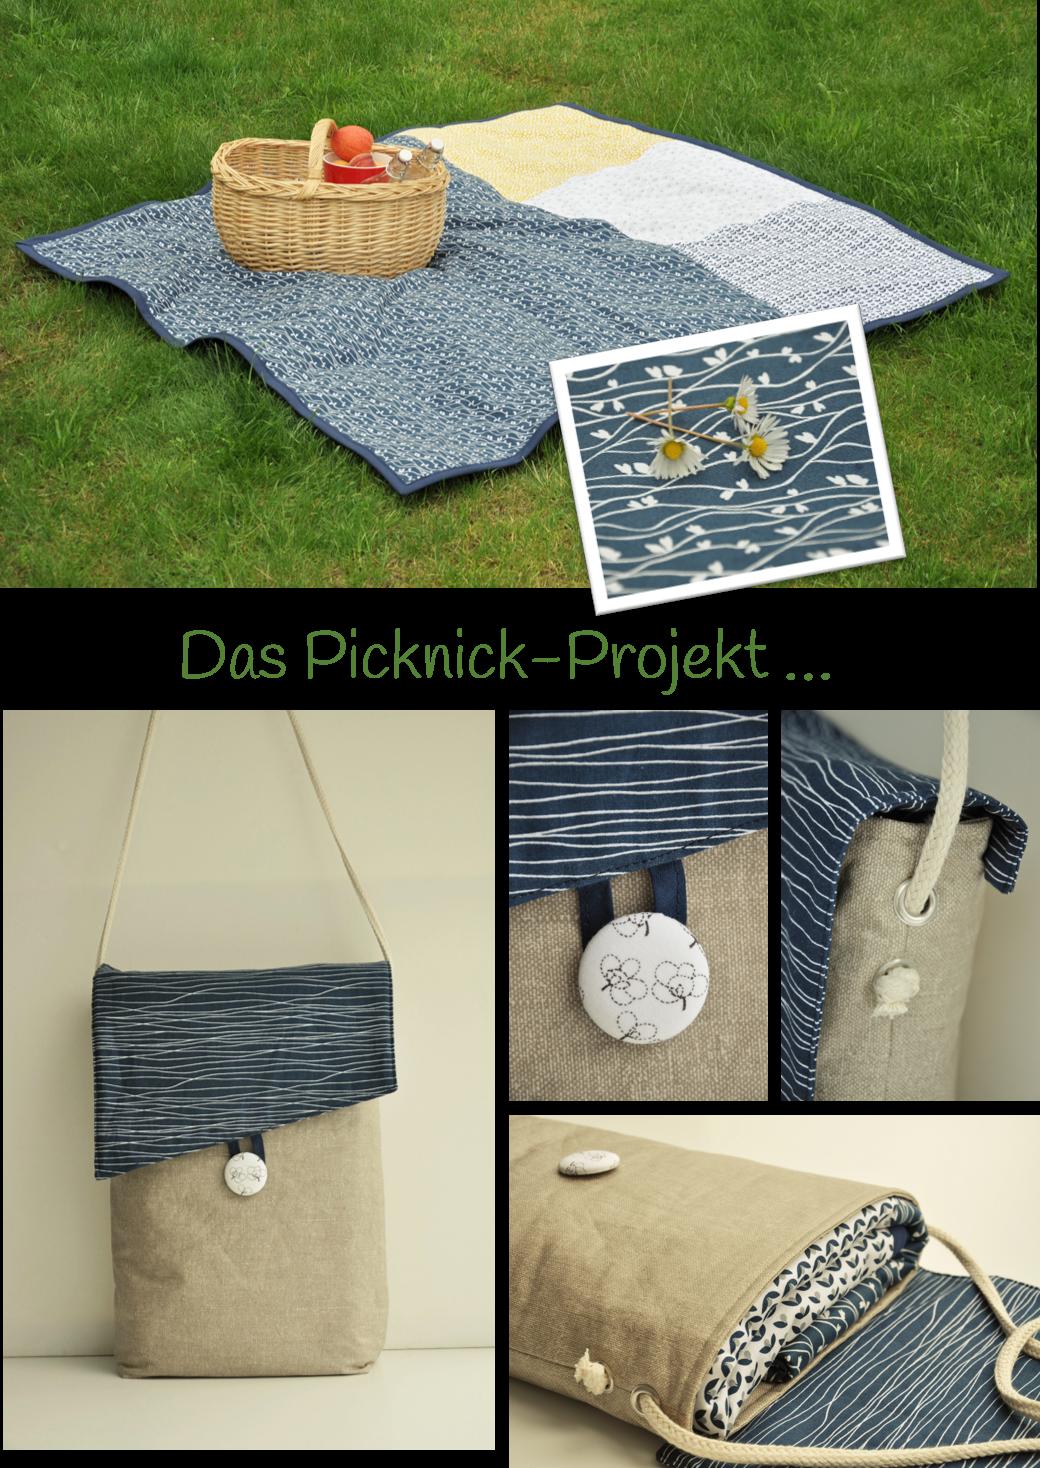 Das-Picknick-Projekt